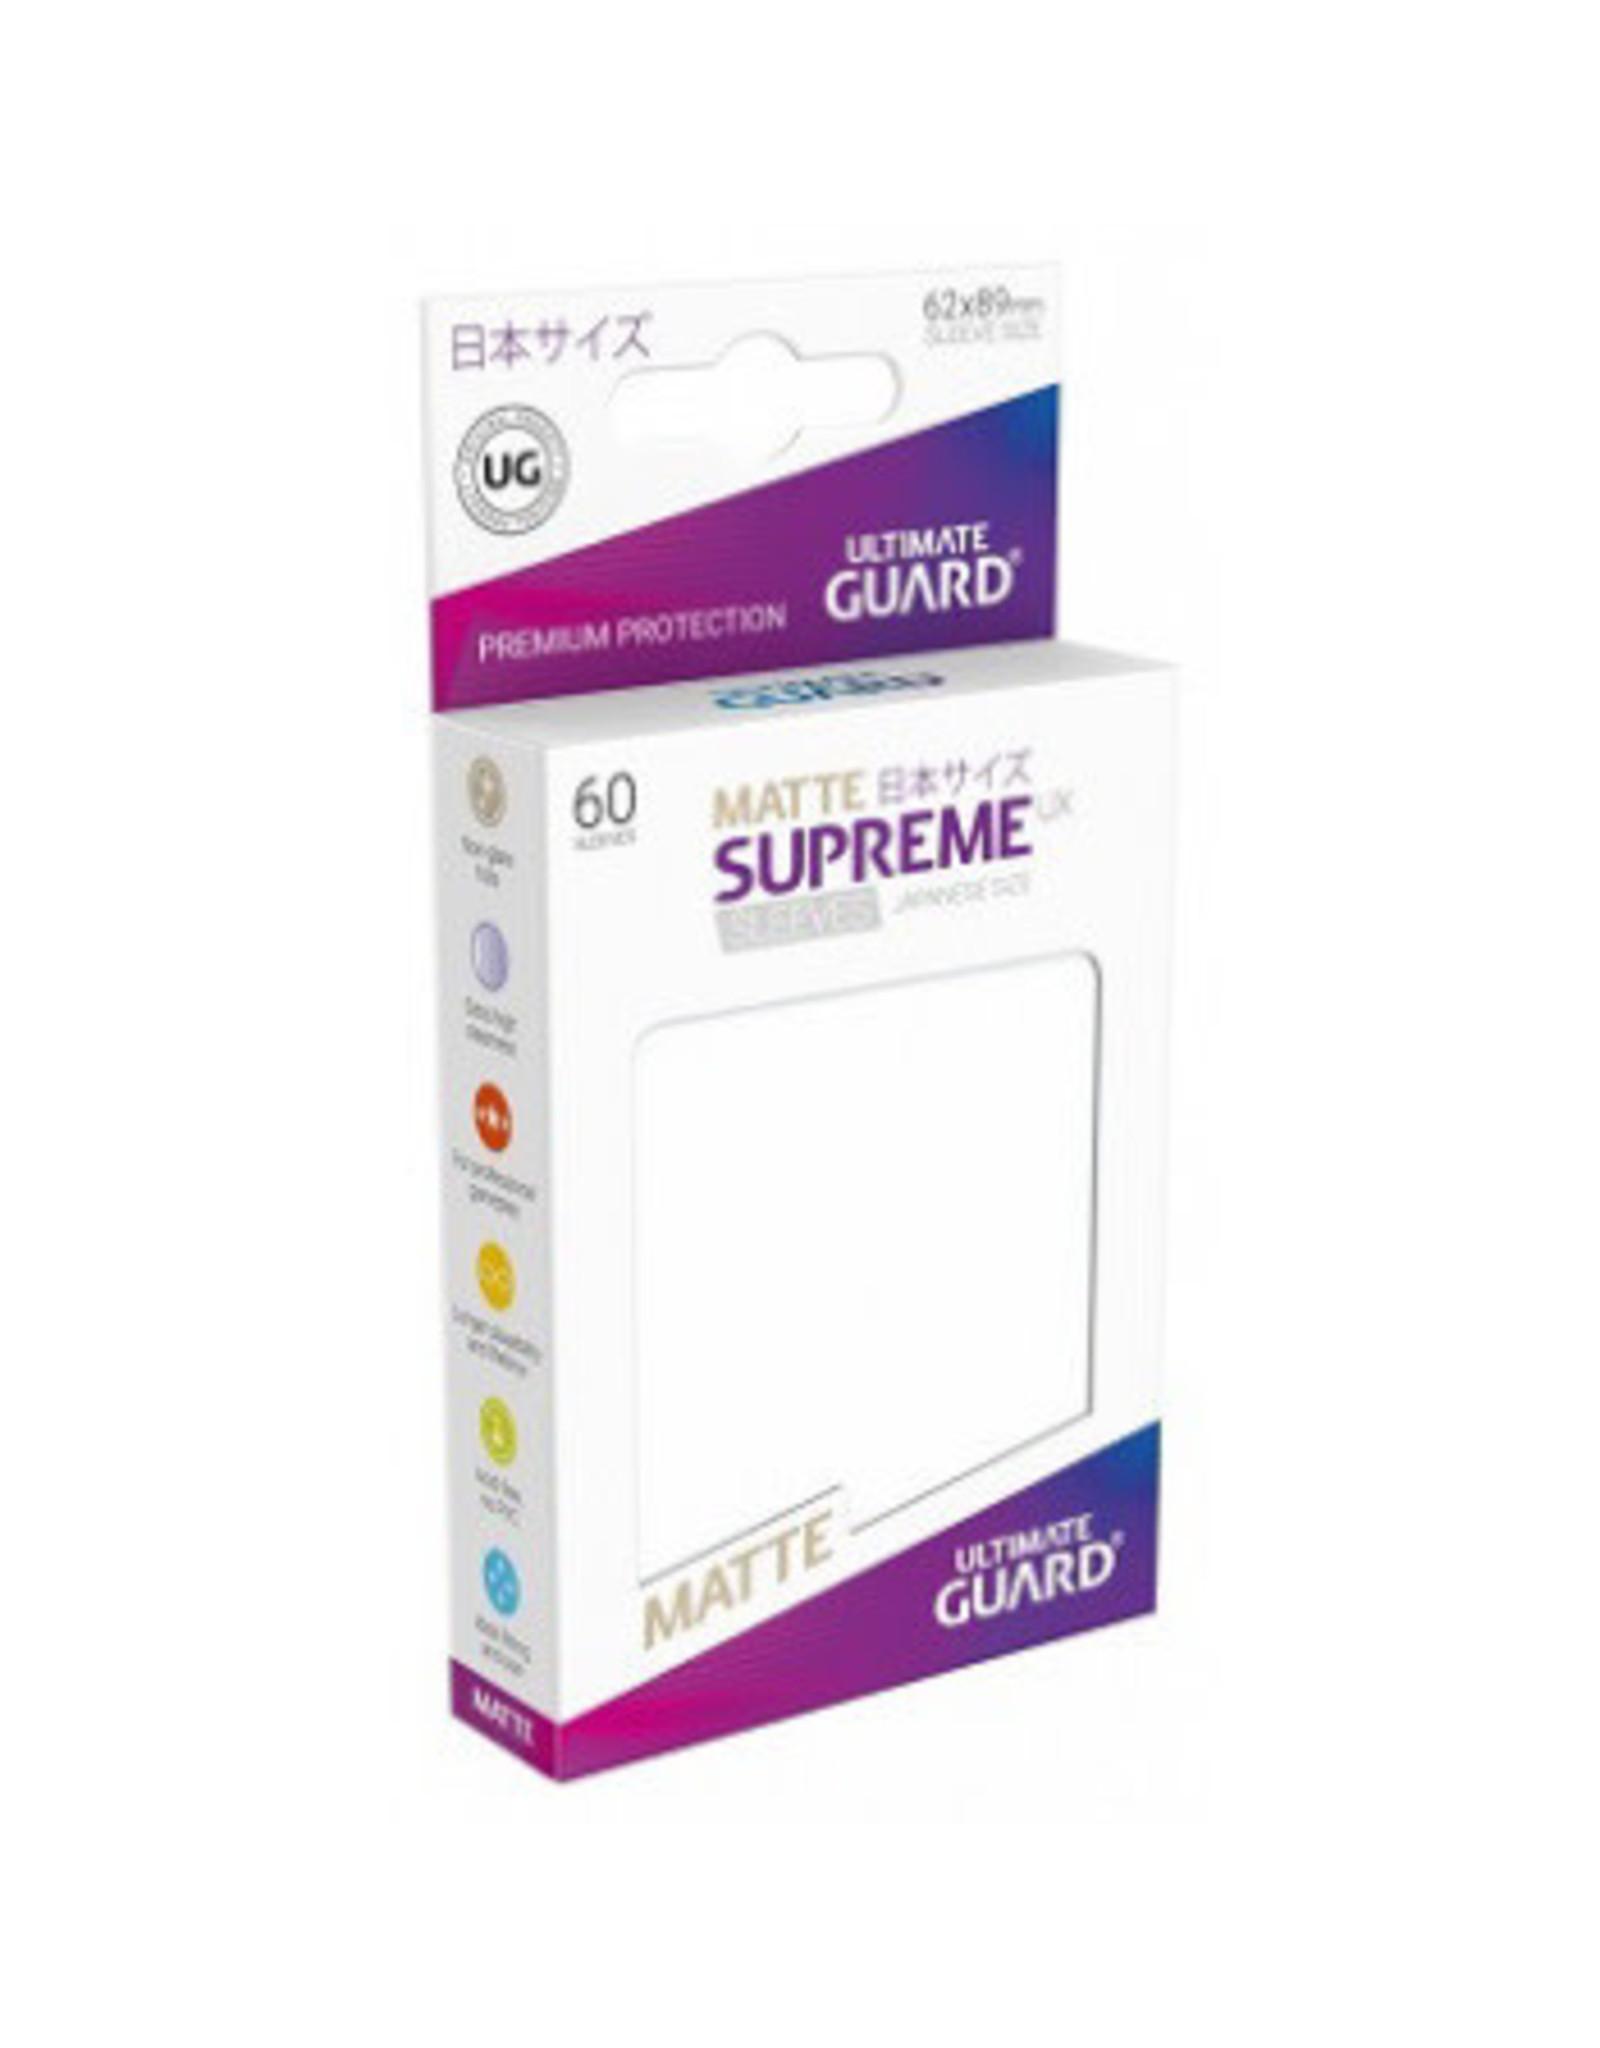 Ultimate Guard UG Small Sleeves Supreme Matte UX (60 CT) -